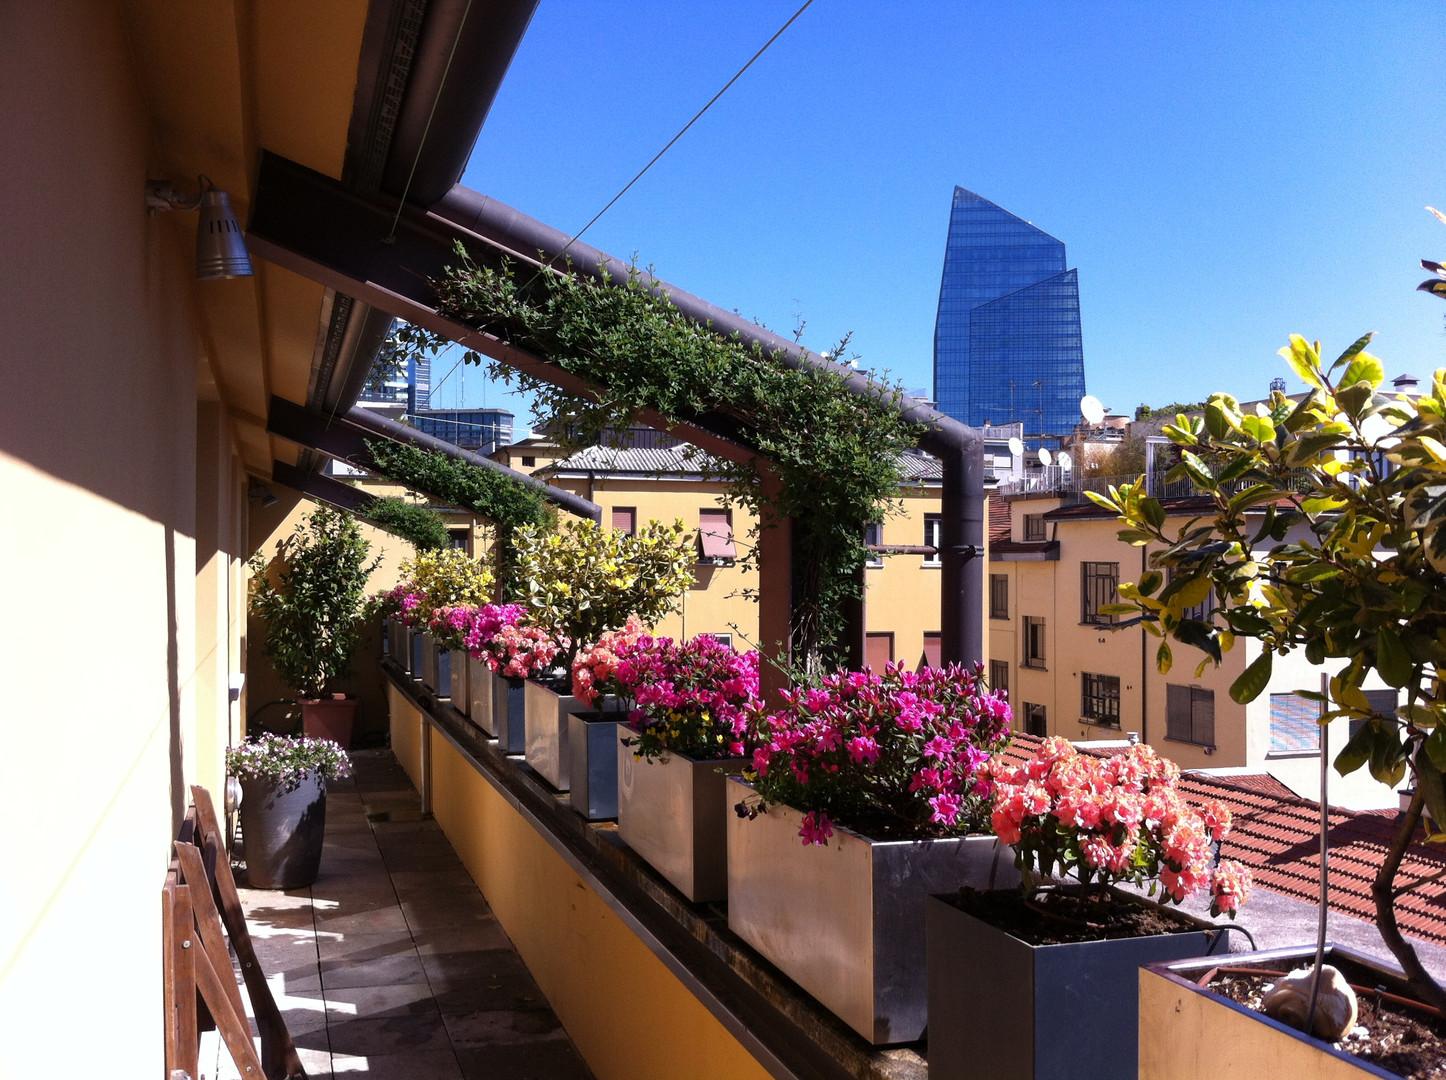 Milano Giardiniere